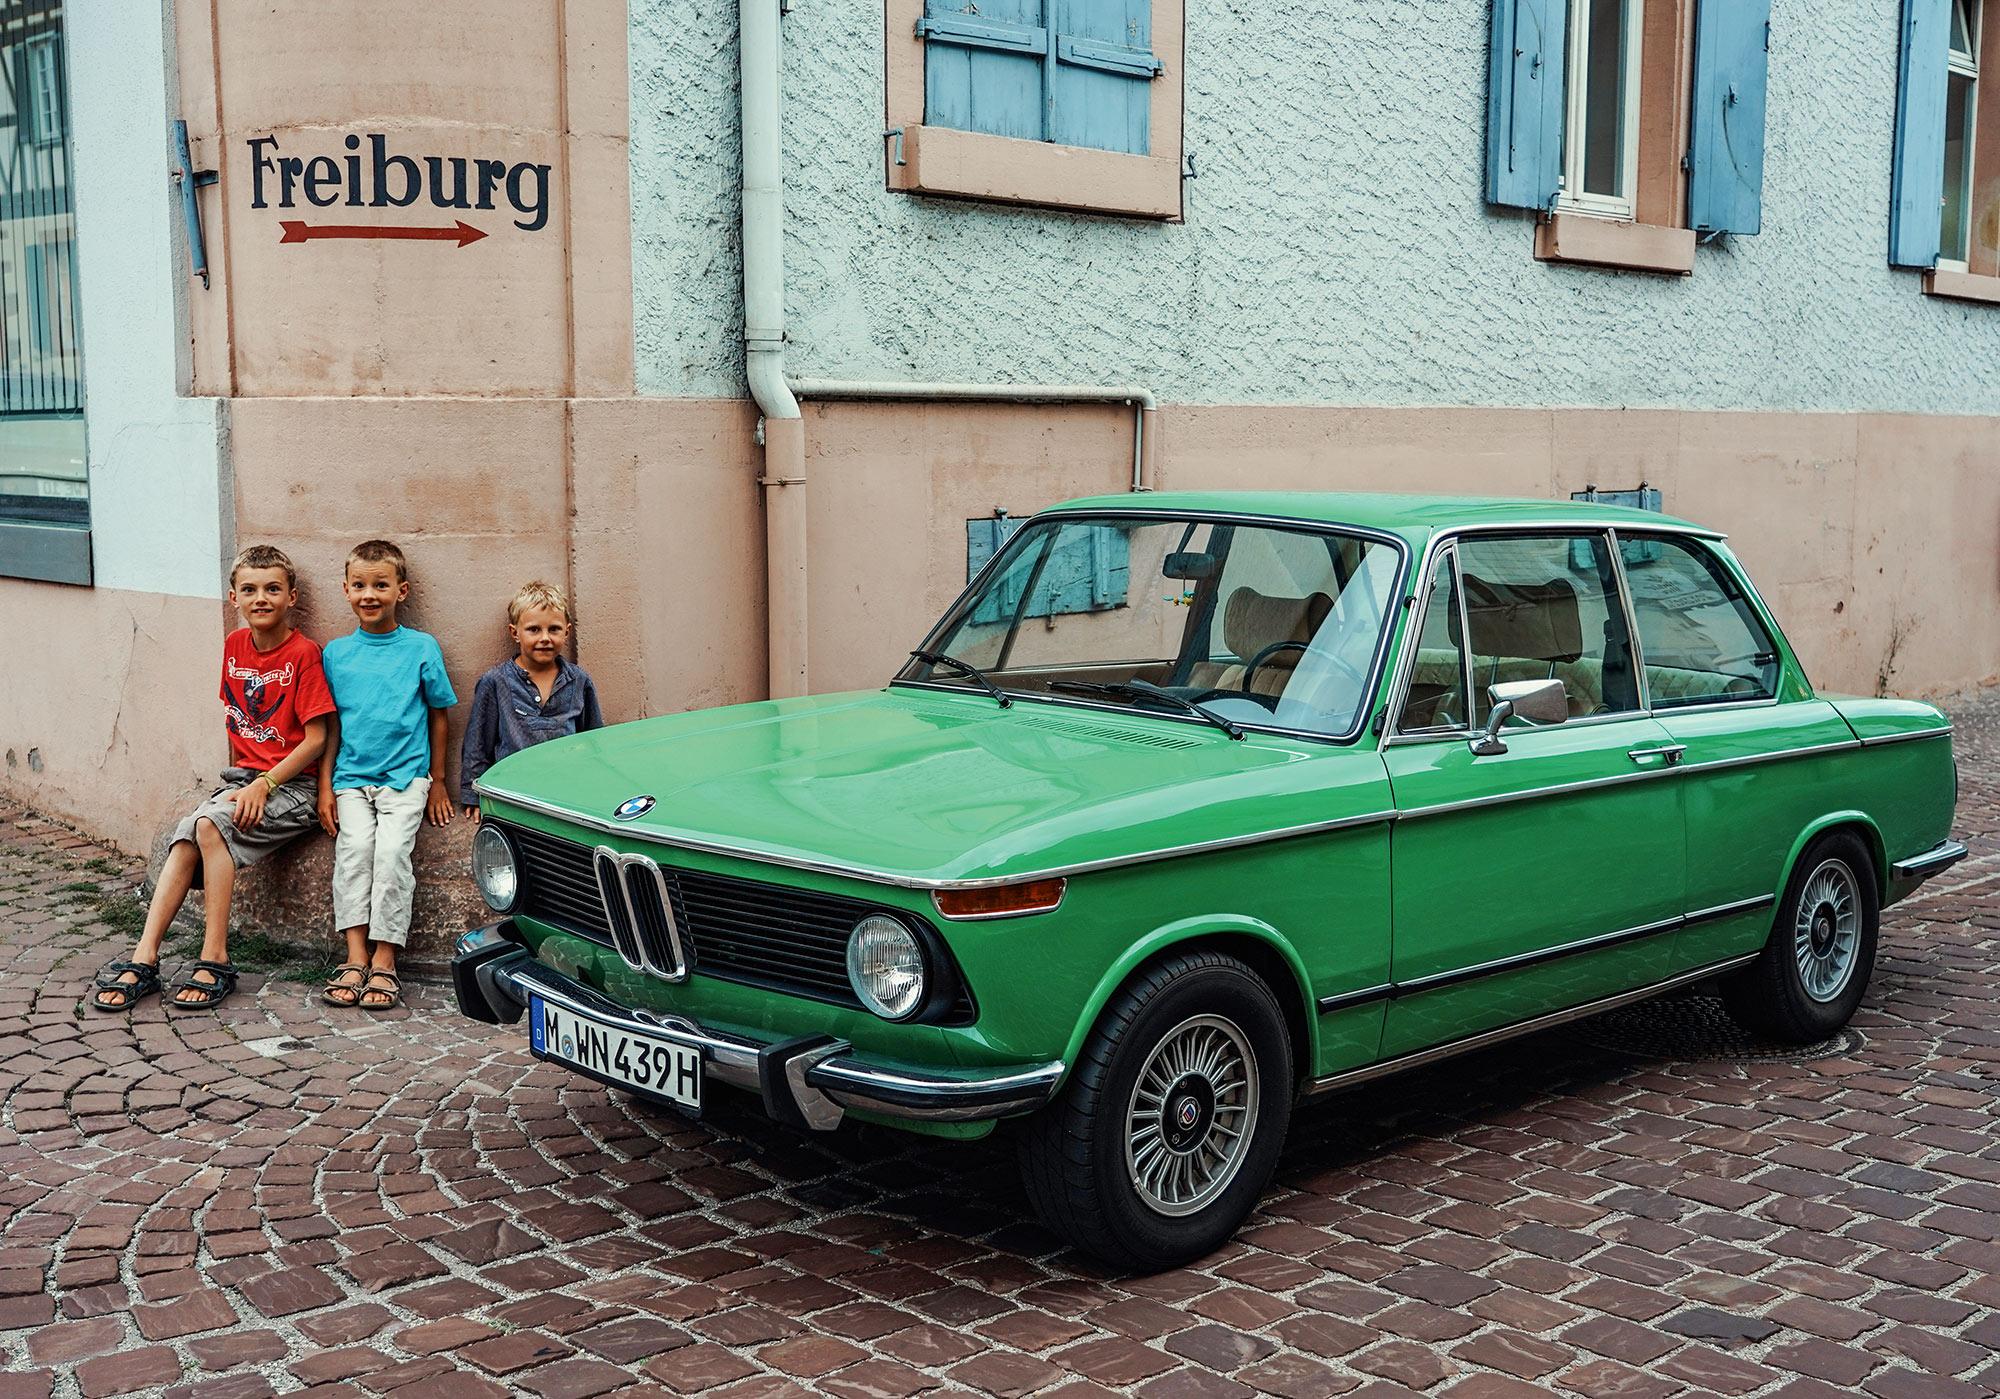 #46, Bundesstraße 3, BMW 2002, Land und Leute